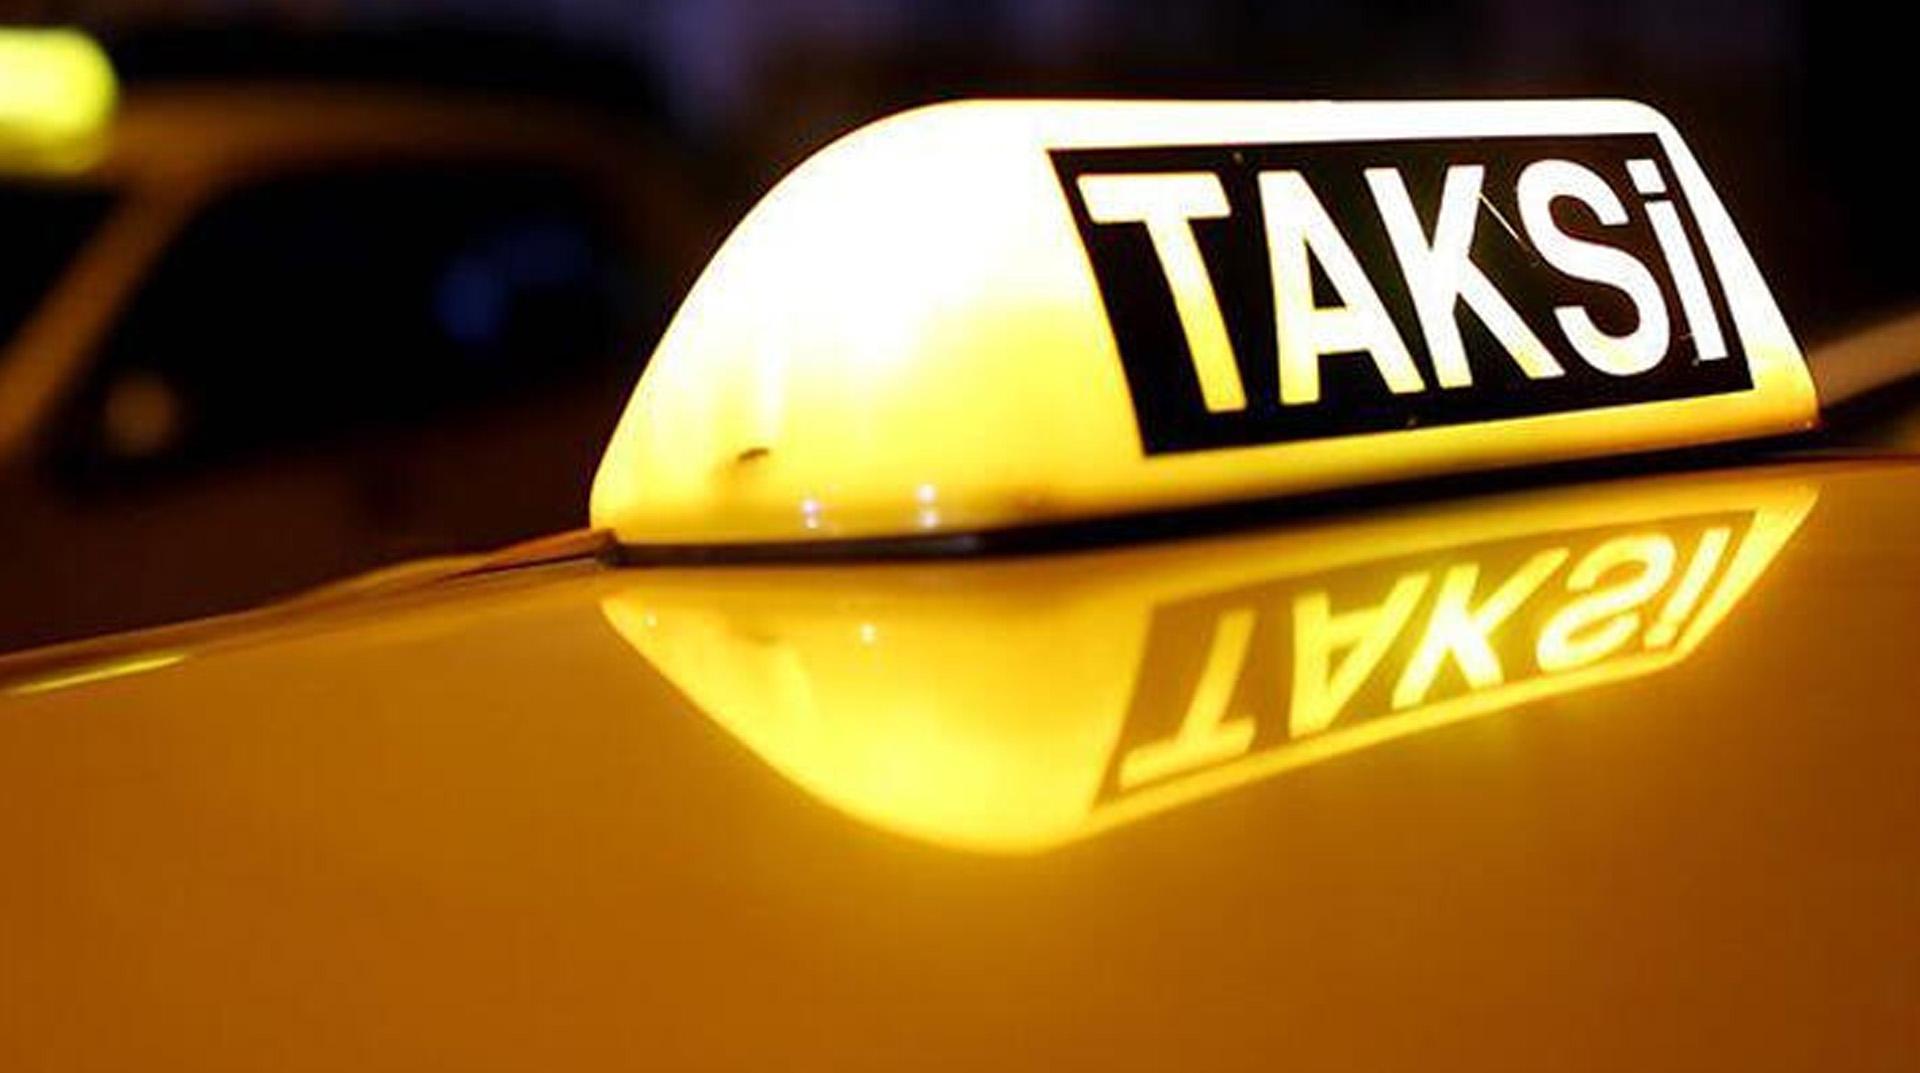 İstanbul'da taksilere yüzde 25 zam yapıldı